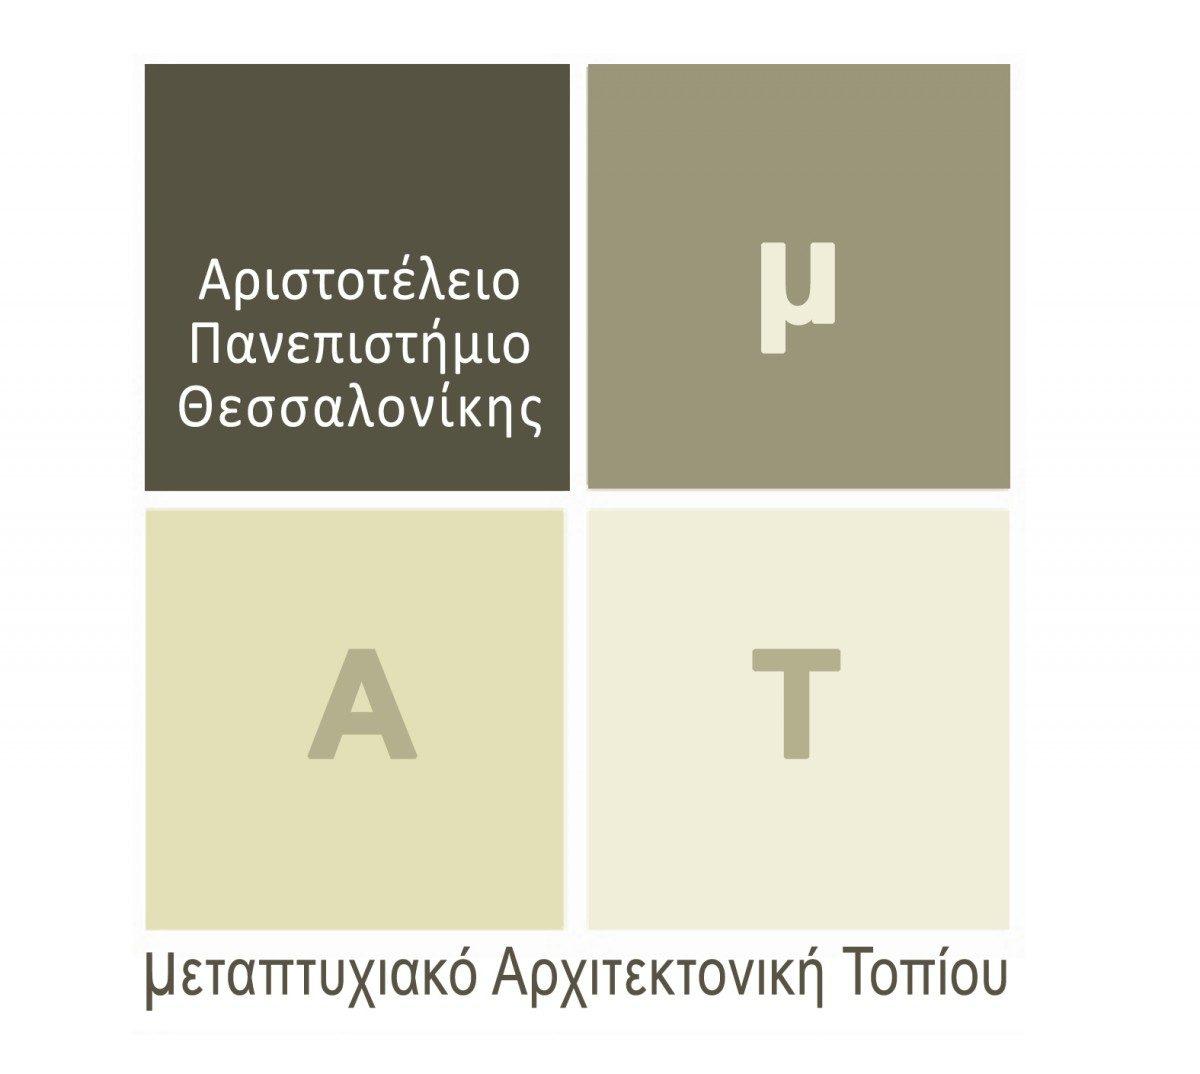 Μεταπτυχιακές Σπουδές στην Αρχιτεκτονική Τοπίου 2015 – 2017 στο ΑΠΘ. Αιτήσεις συμμετοχής δεκτές από 2 Μαρτίου έως 22 Μαΐου 2015